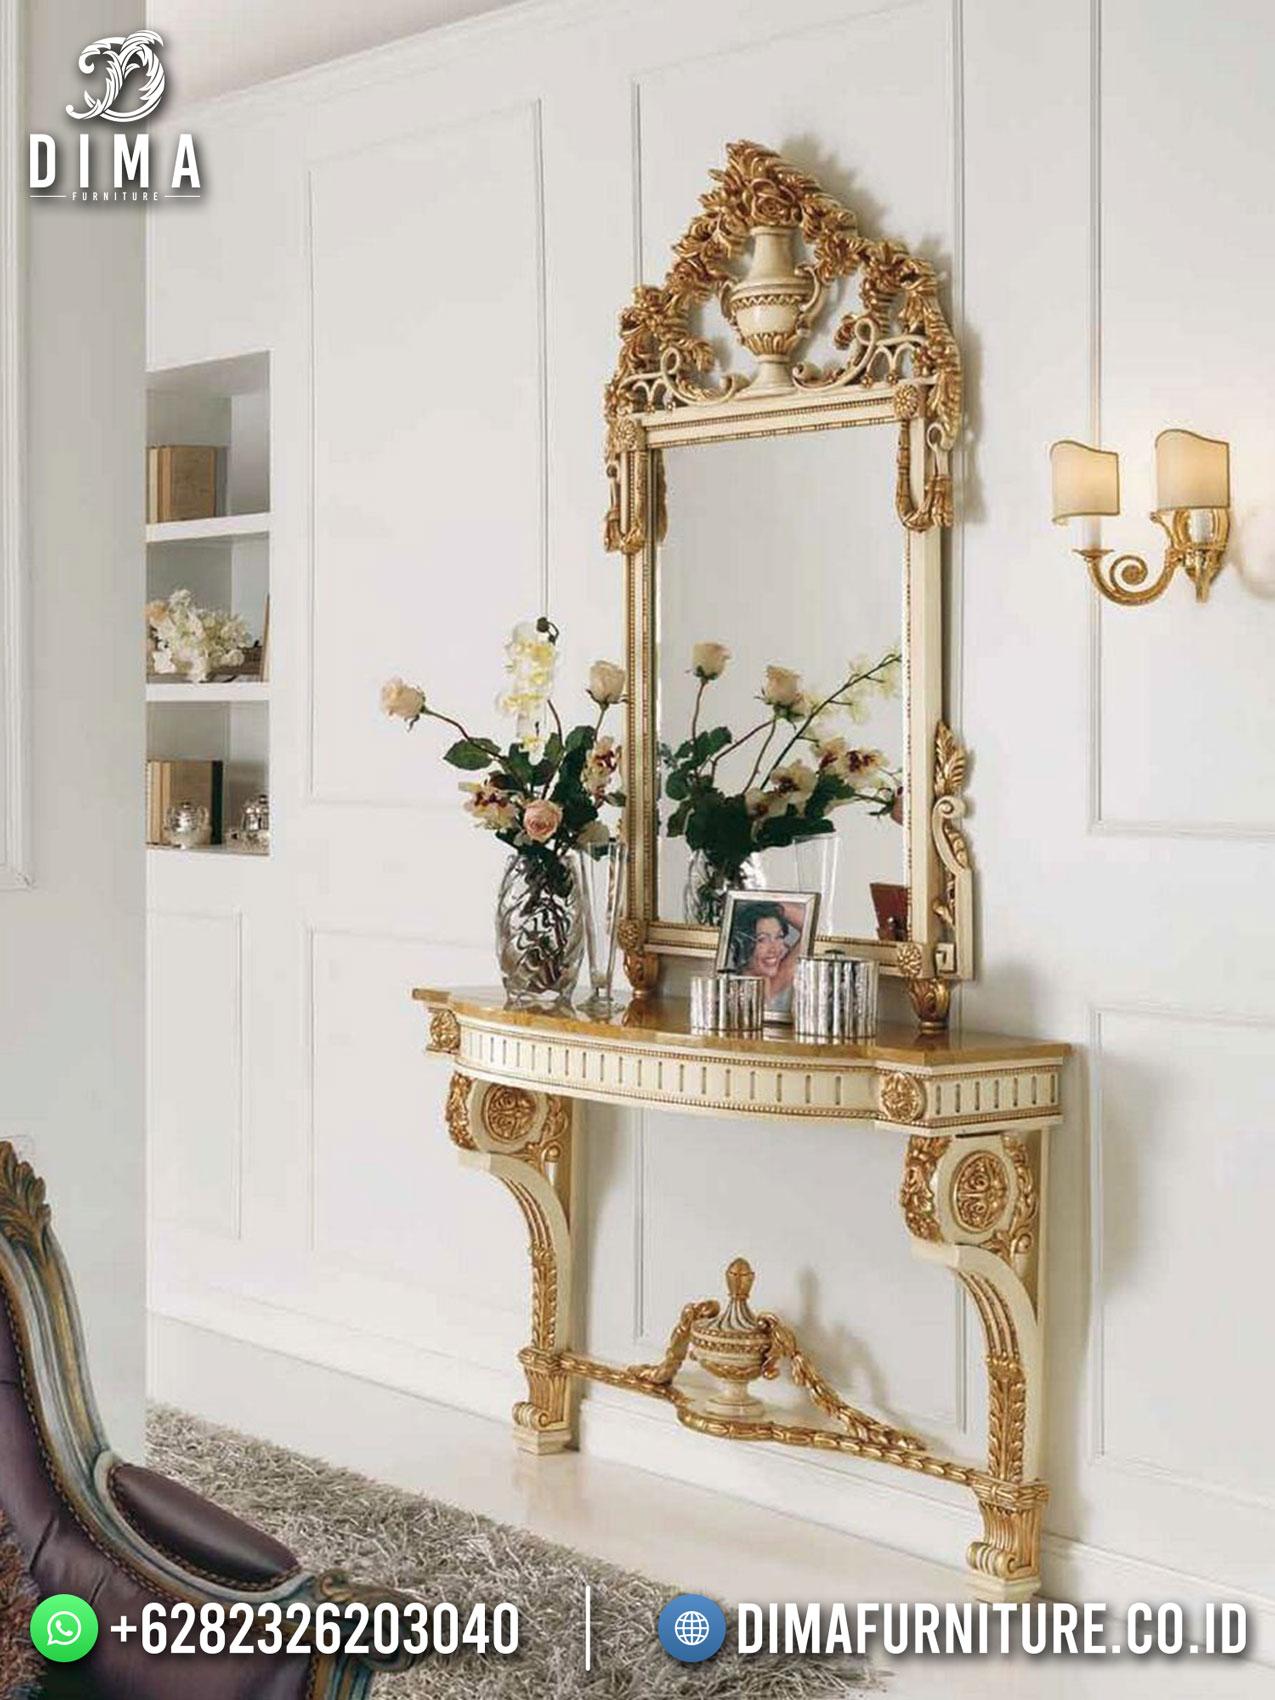 Jual Meja Konsul Mewah Terbaru Excellent Royal Design Great Quality TTJ-1713